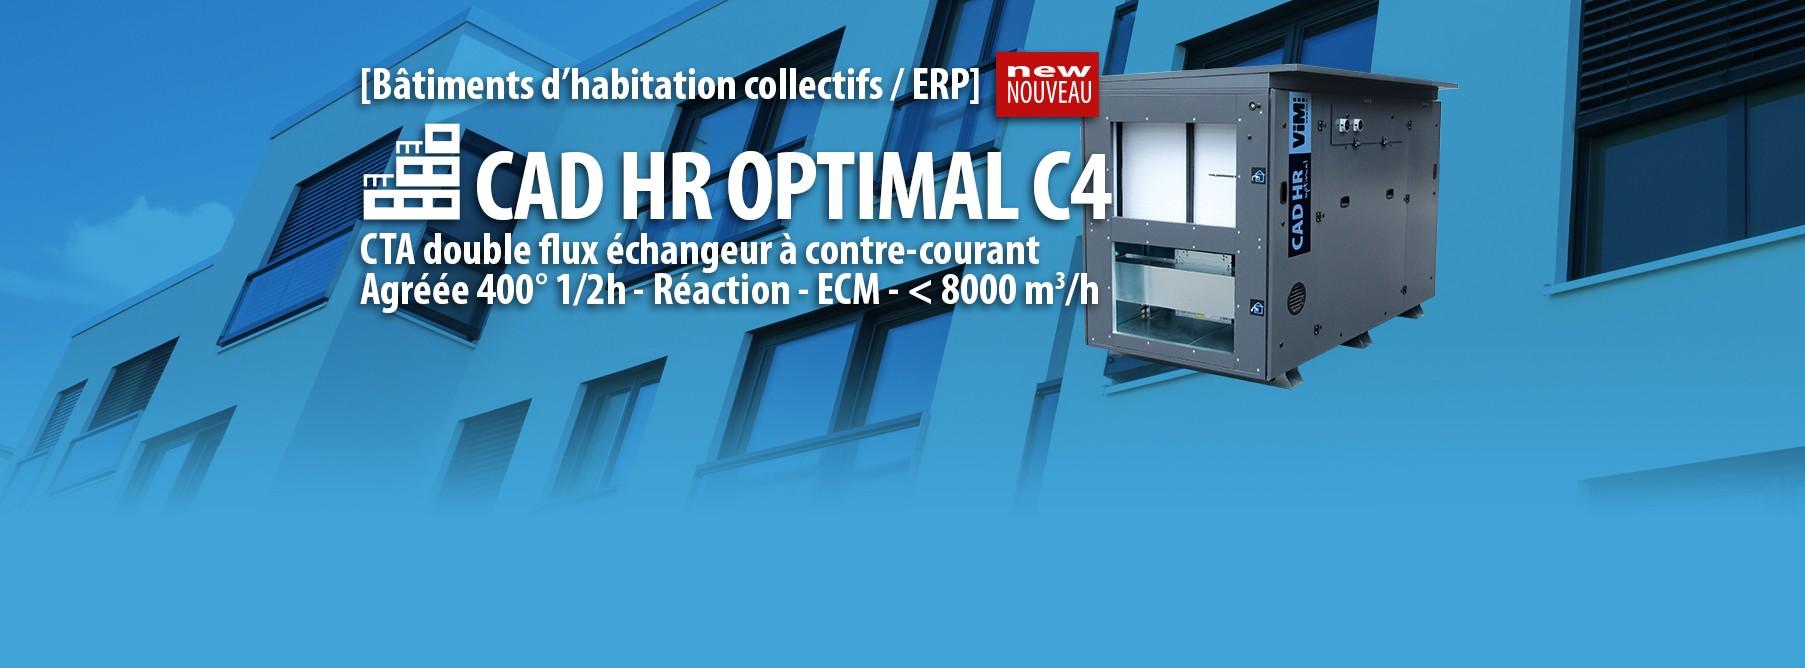 CTA double flux CAD HR OPTIMAL C4